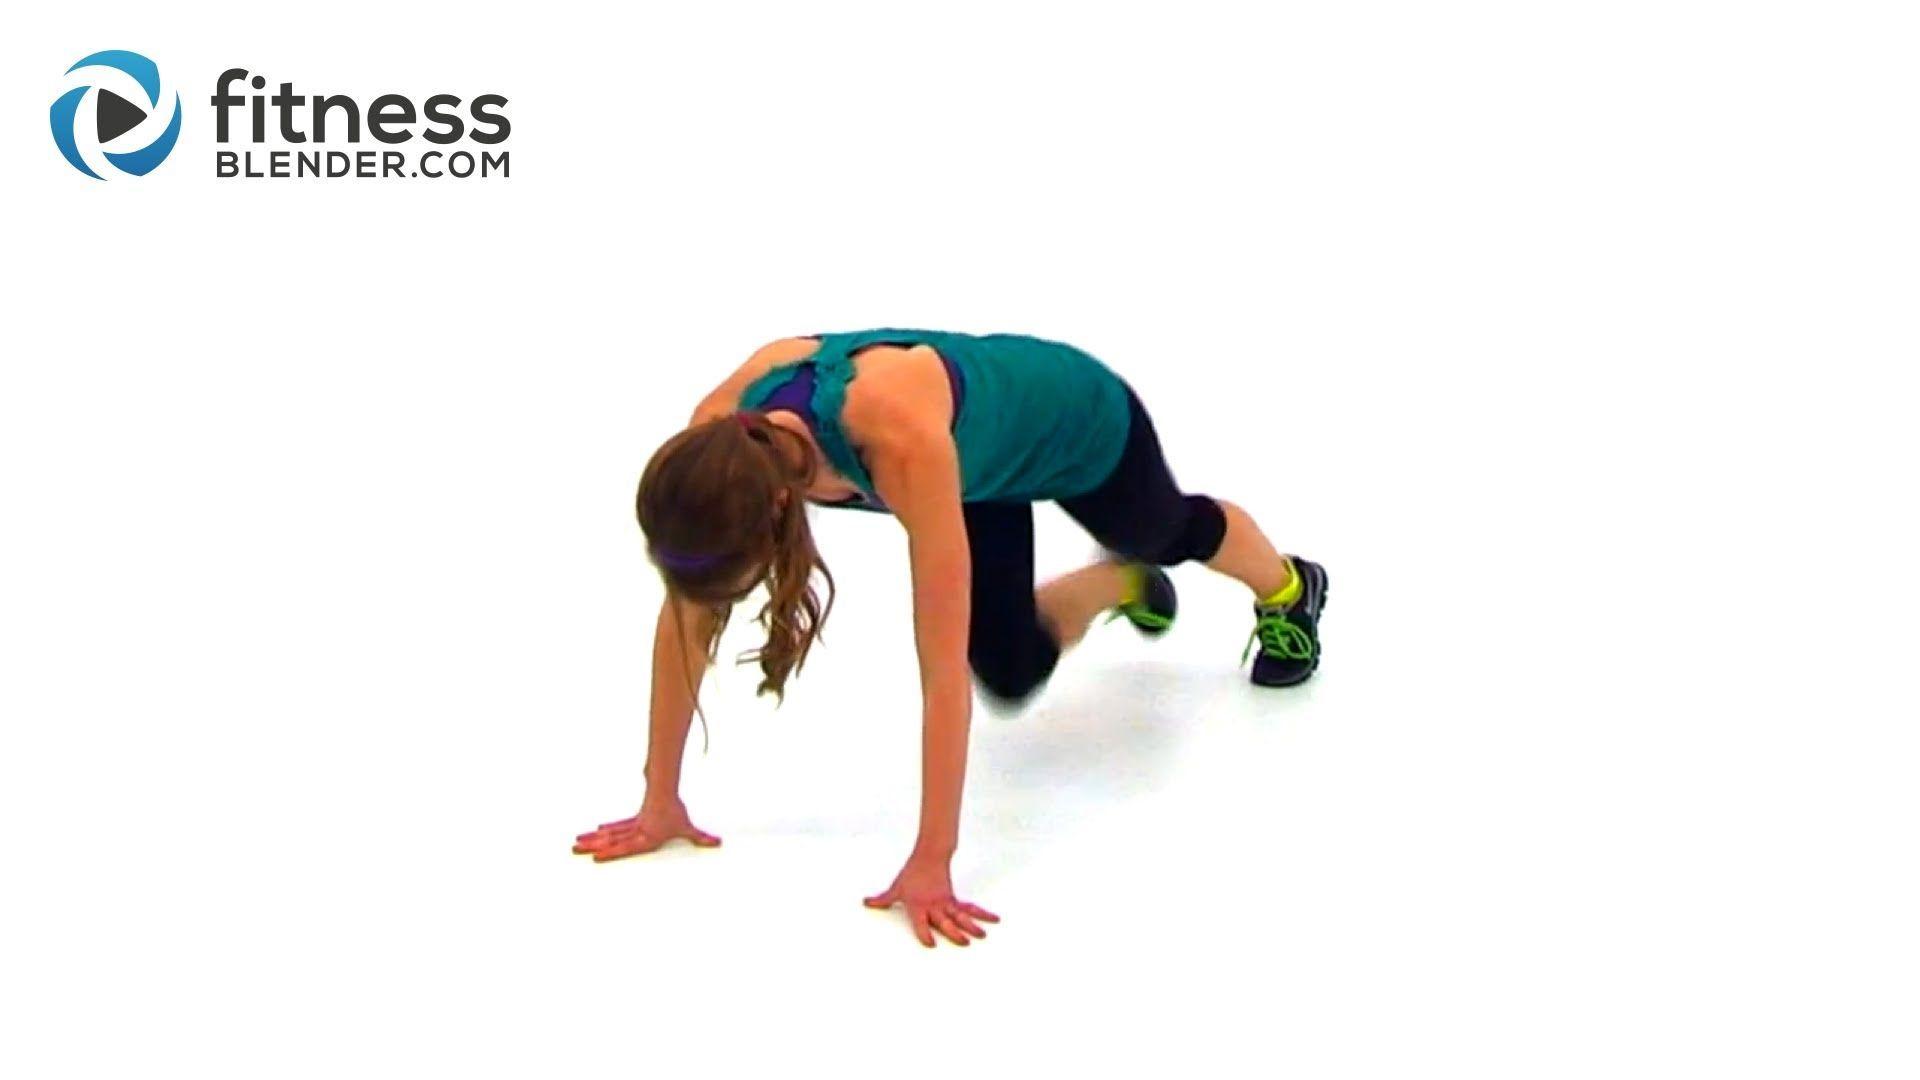 100 बुर्ज वर्कआउट चैलेंज - फिटनेस ... - #चलज #फटनस #बरज #वरकआउट - #Fitness&Workout